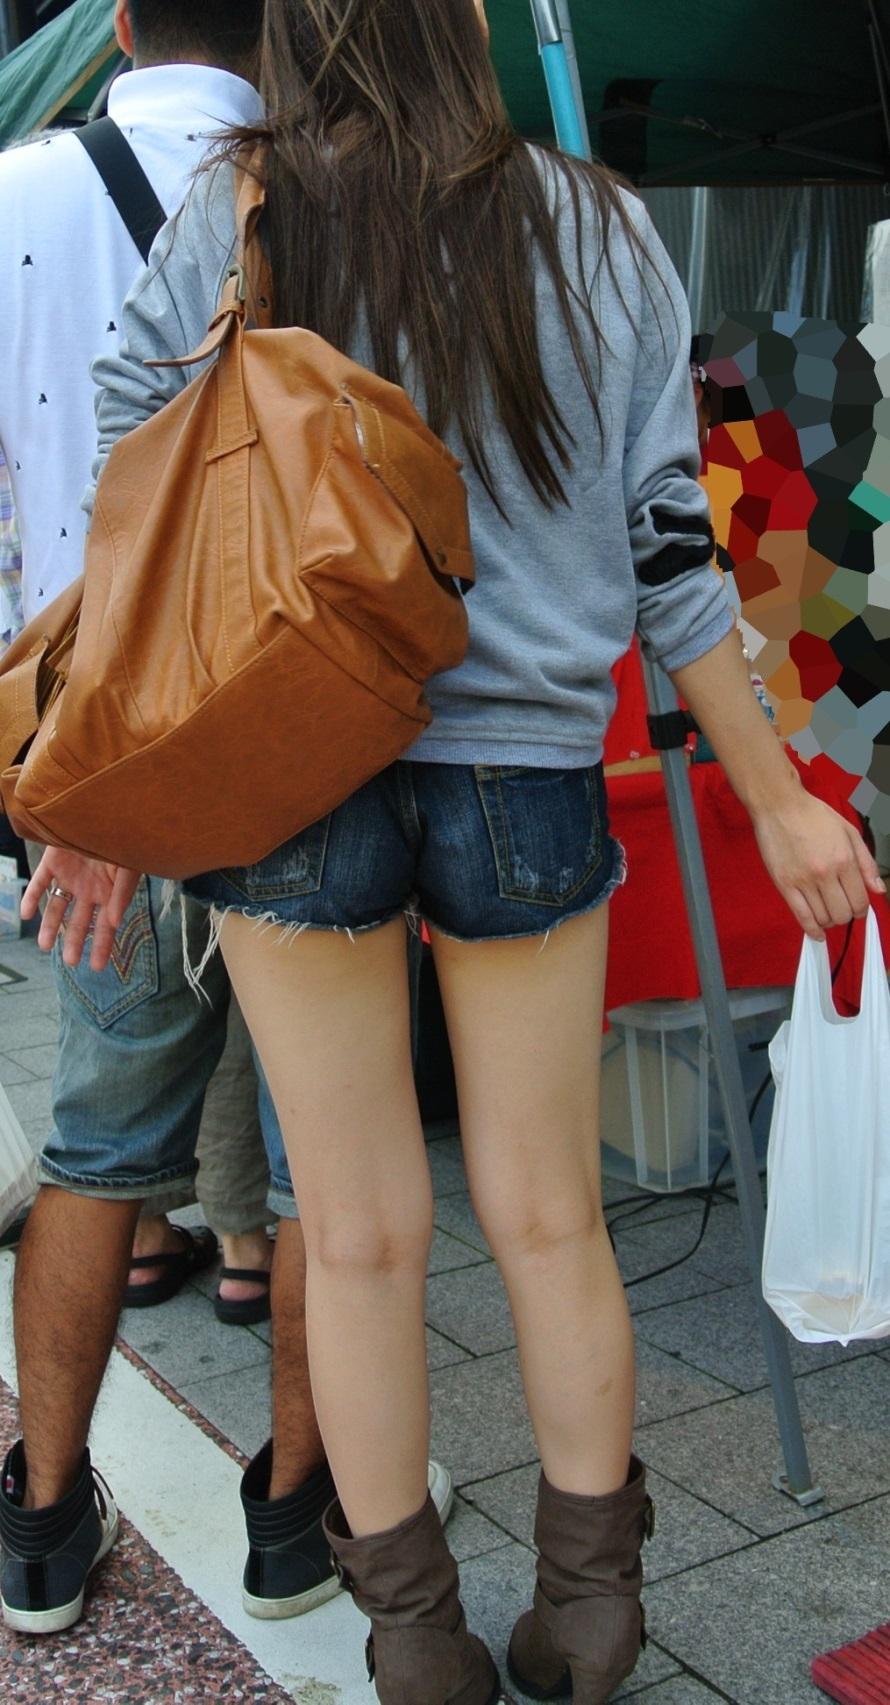 【ショーパンエロ画像】街中でもむしゃぶりついてみてぇ…太ももと尻肉を限界まで見せ付けるショーパン女子www 02